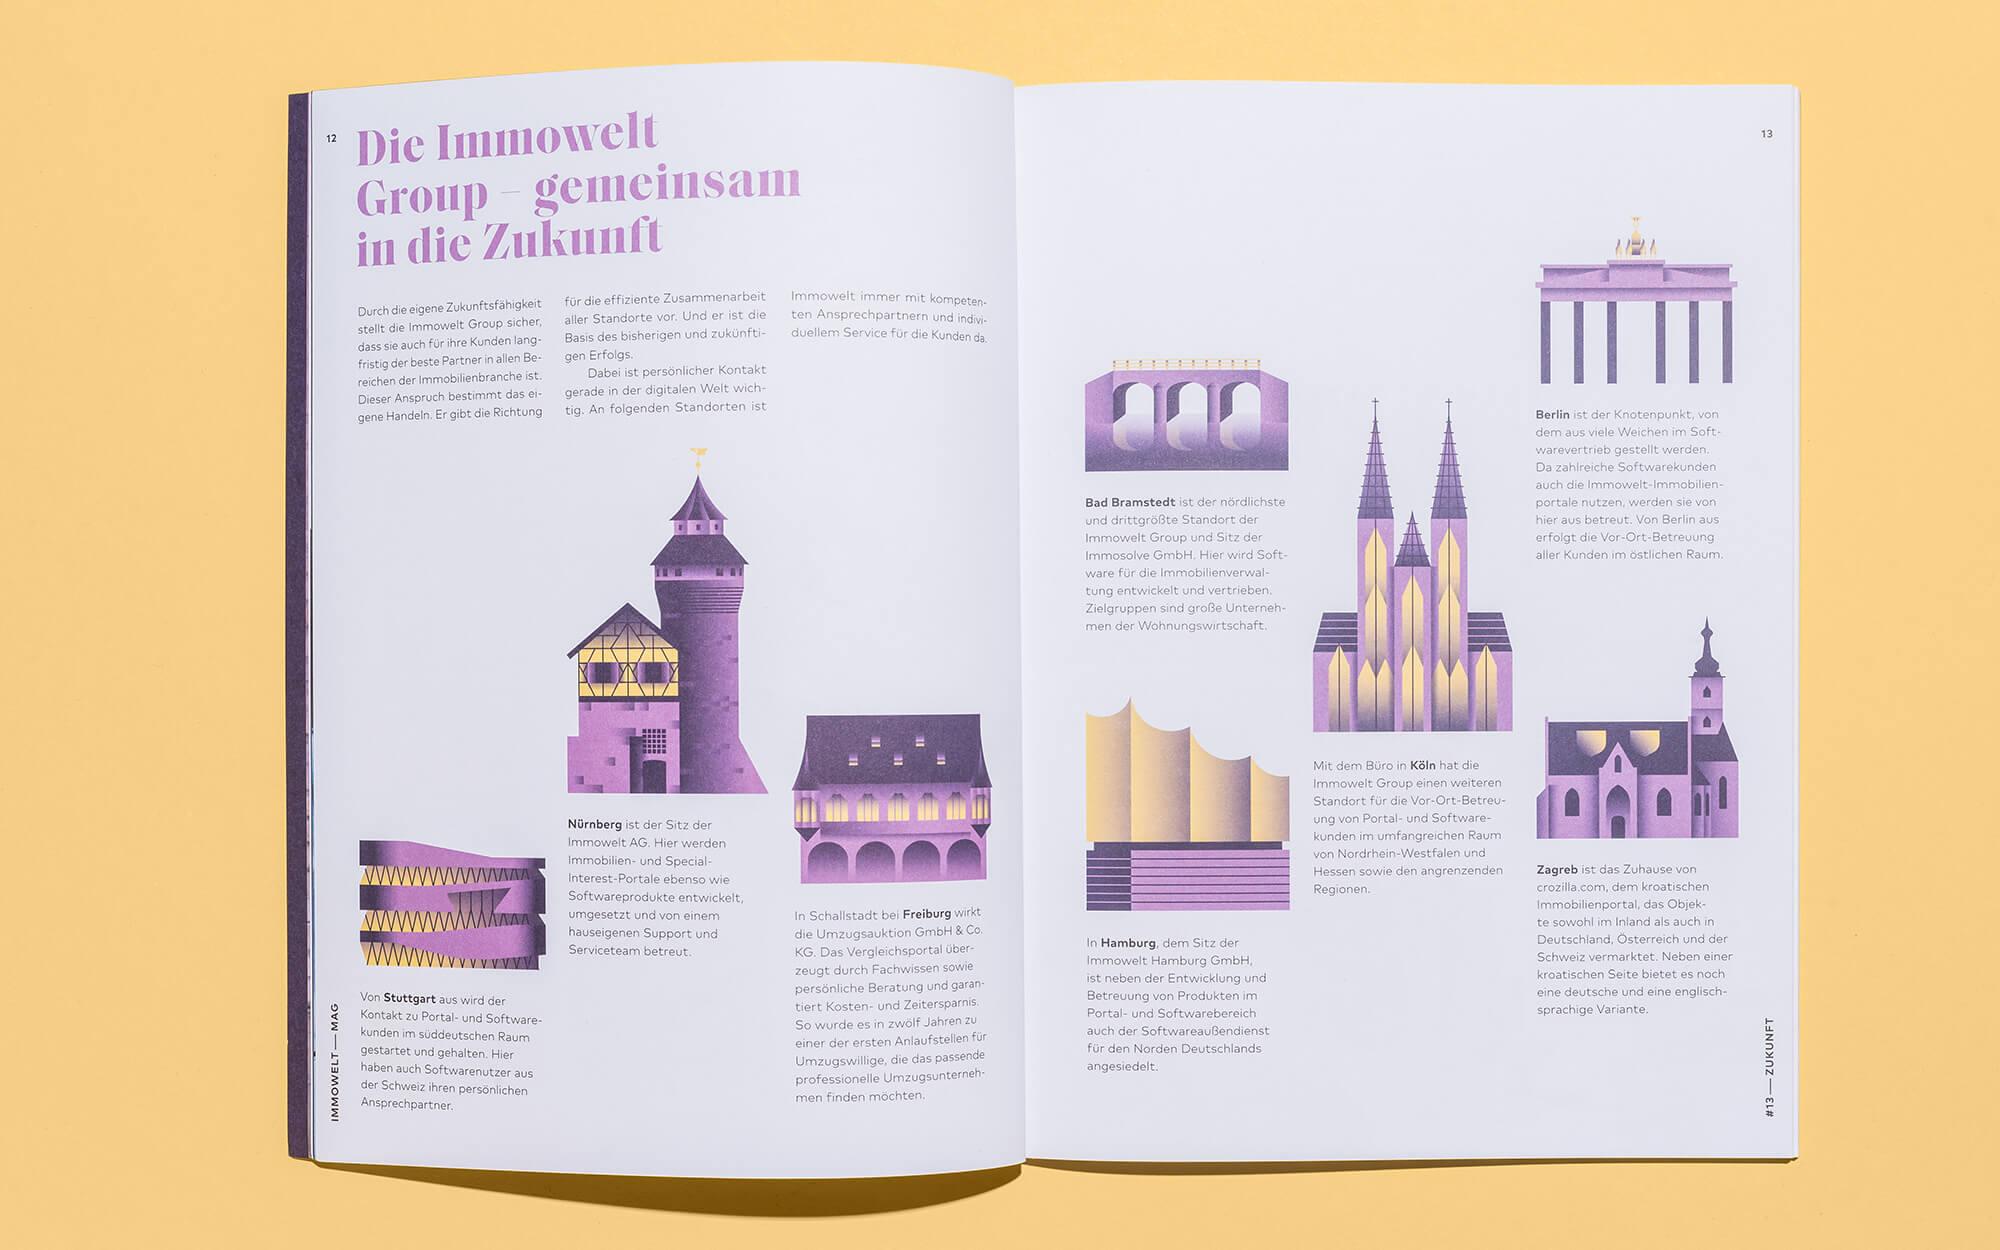 EIGA_Immowelt_Magazin_12_L_06